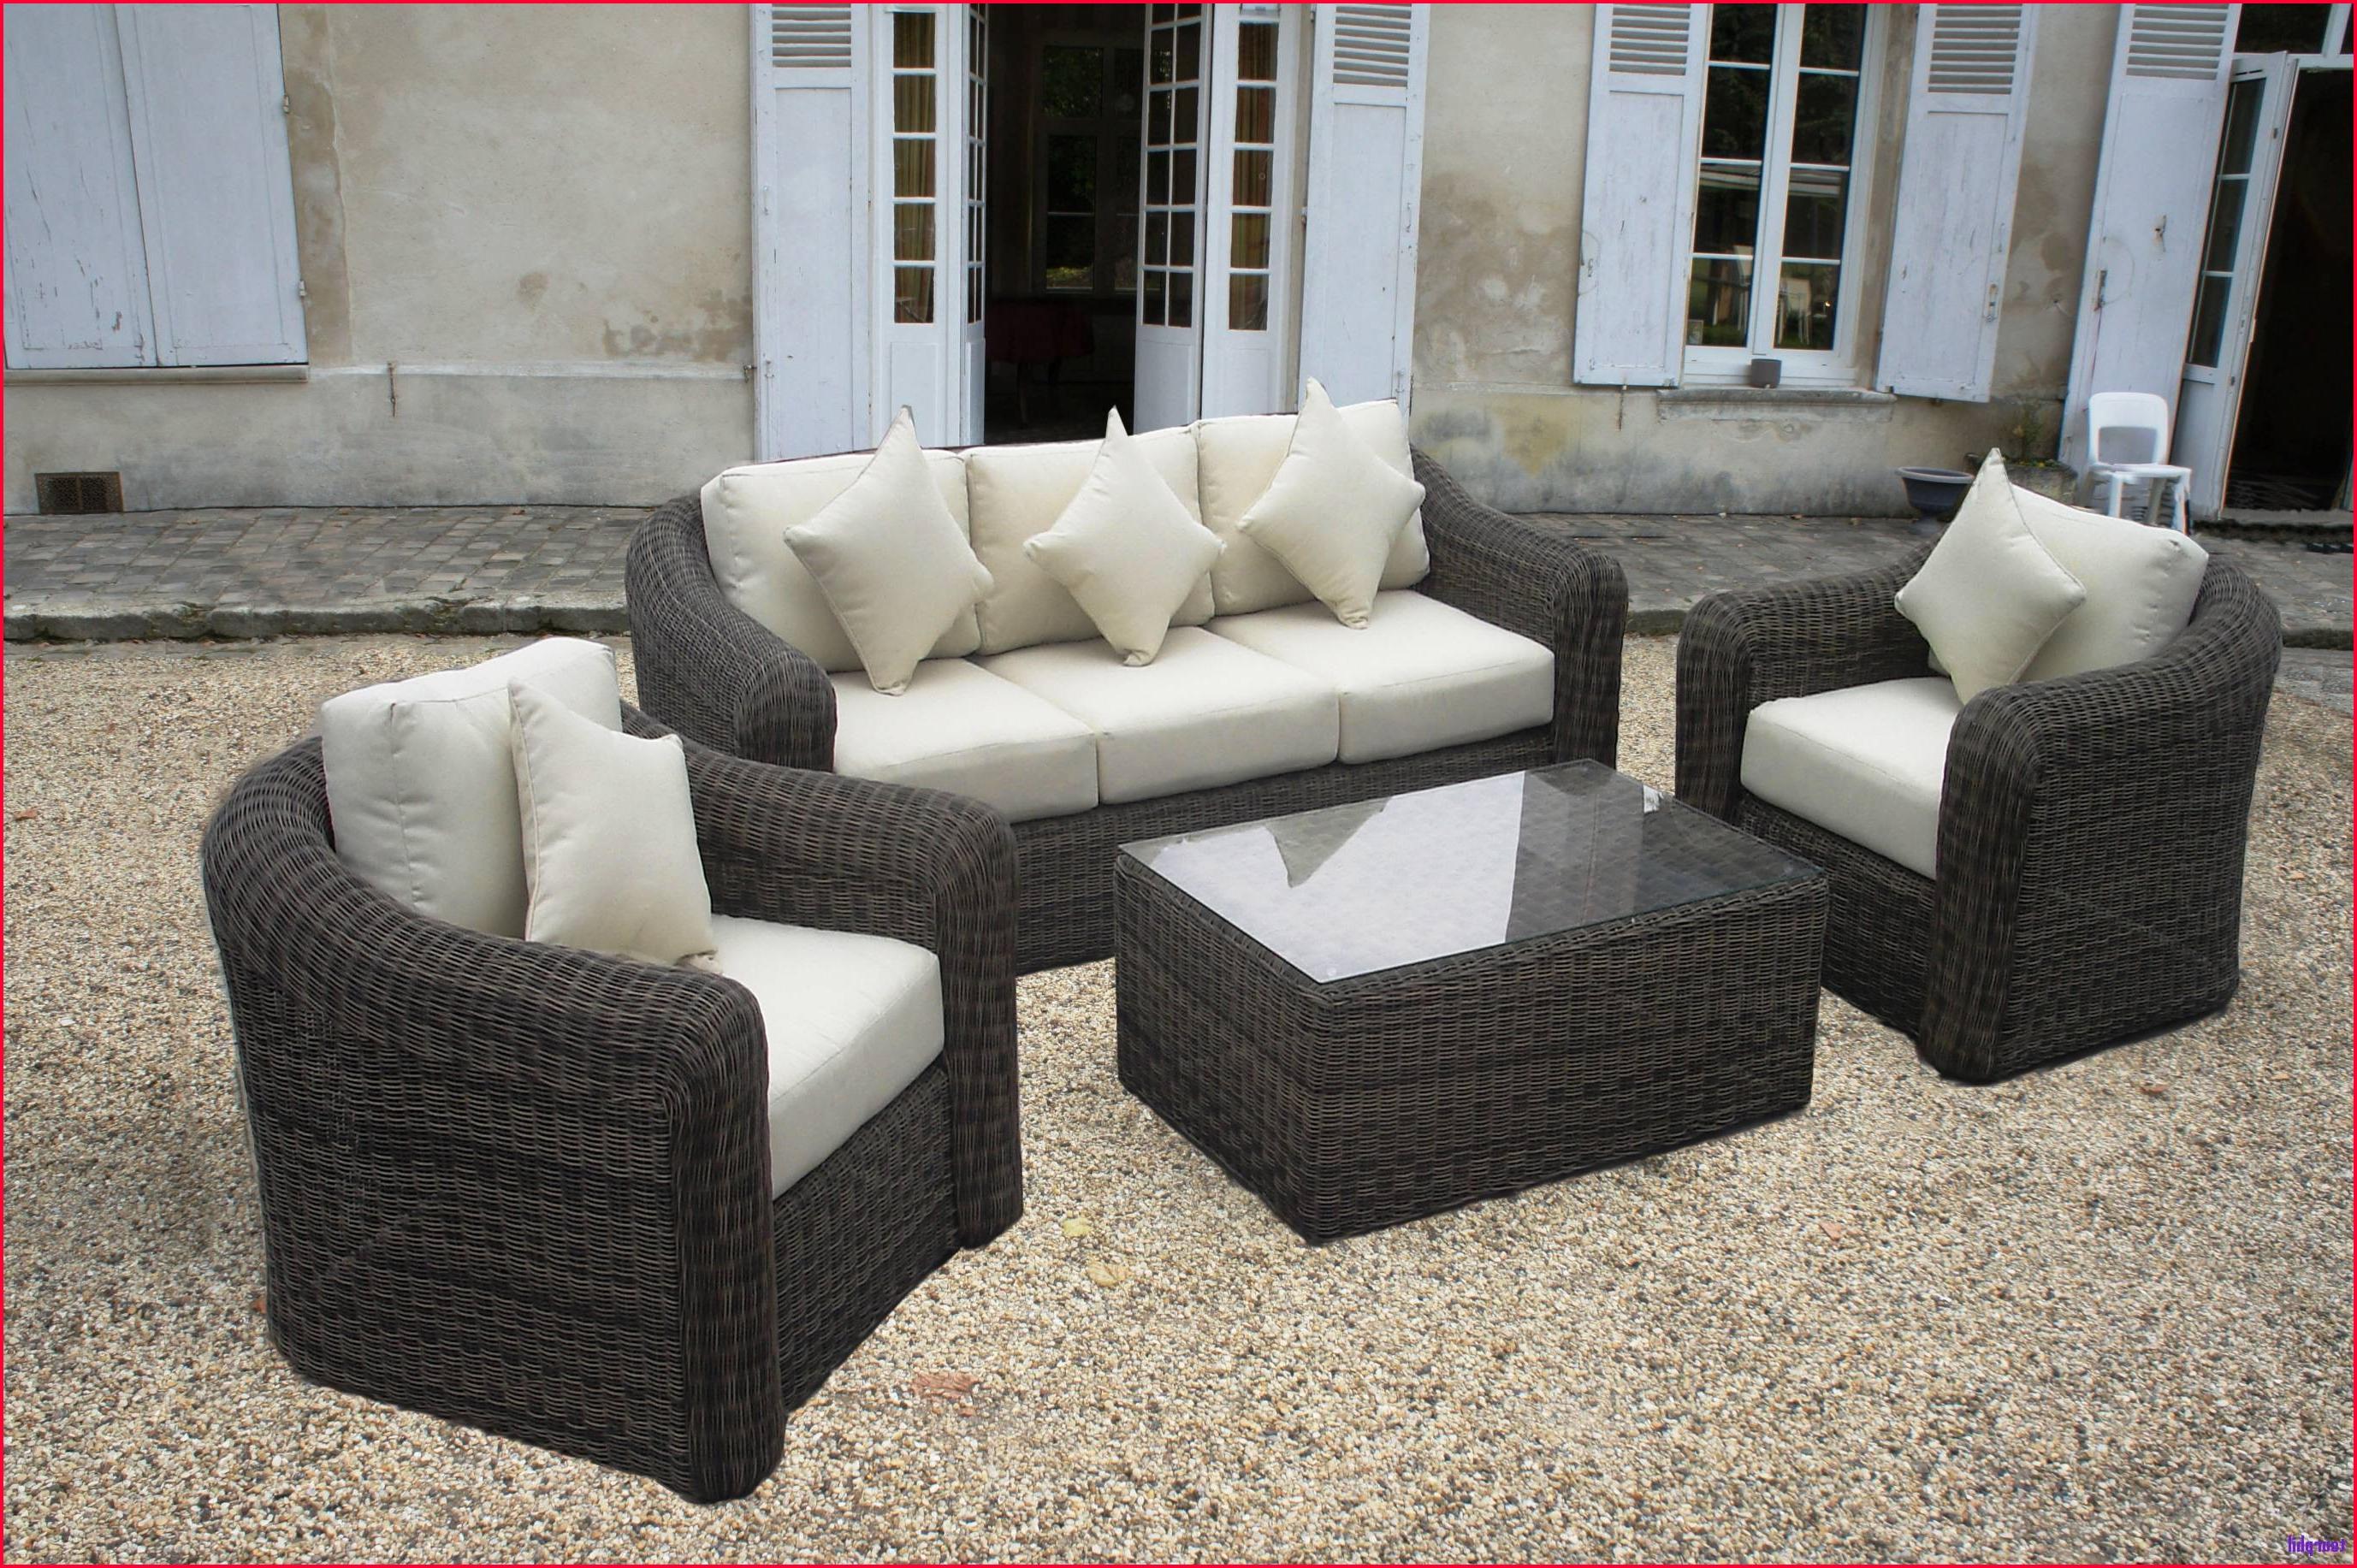 Muebles Baño Conforama Q0d4 Muebles De Jardin Conforama 32 Elà Gant Architecture Salon